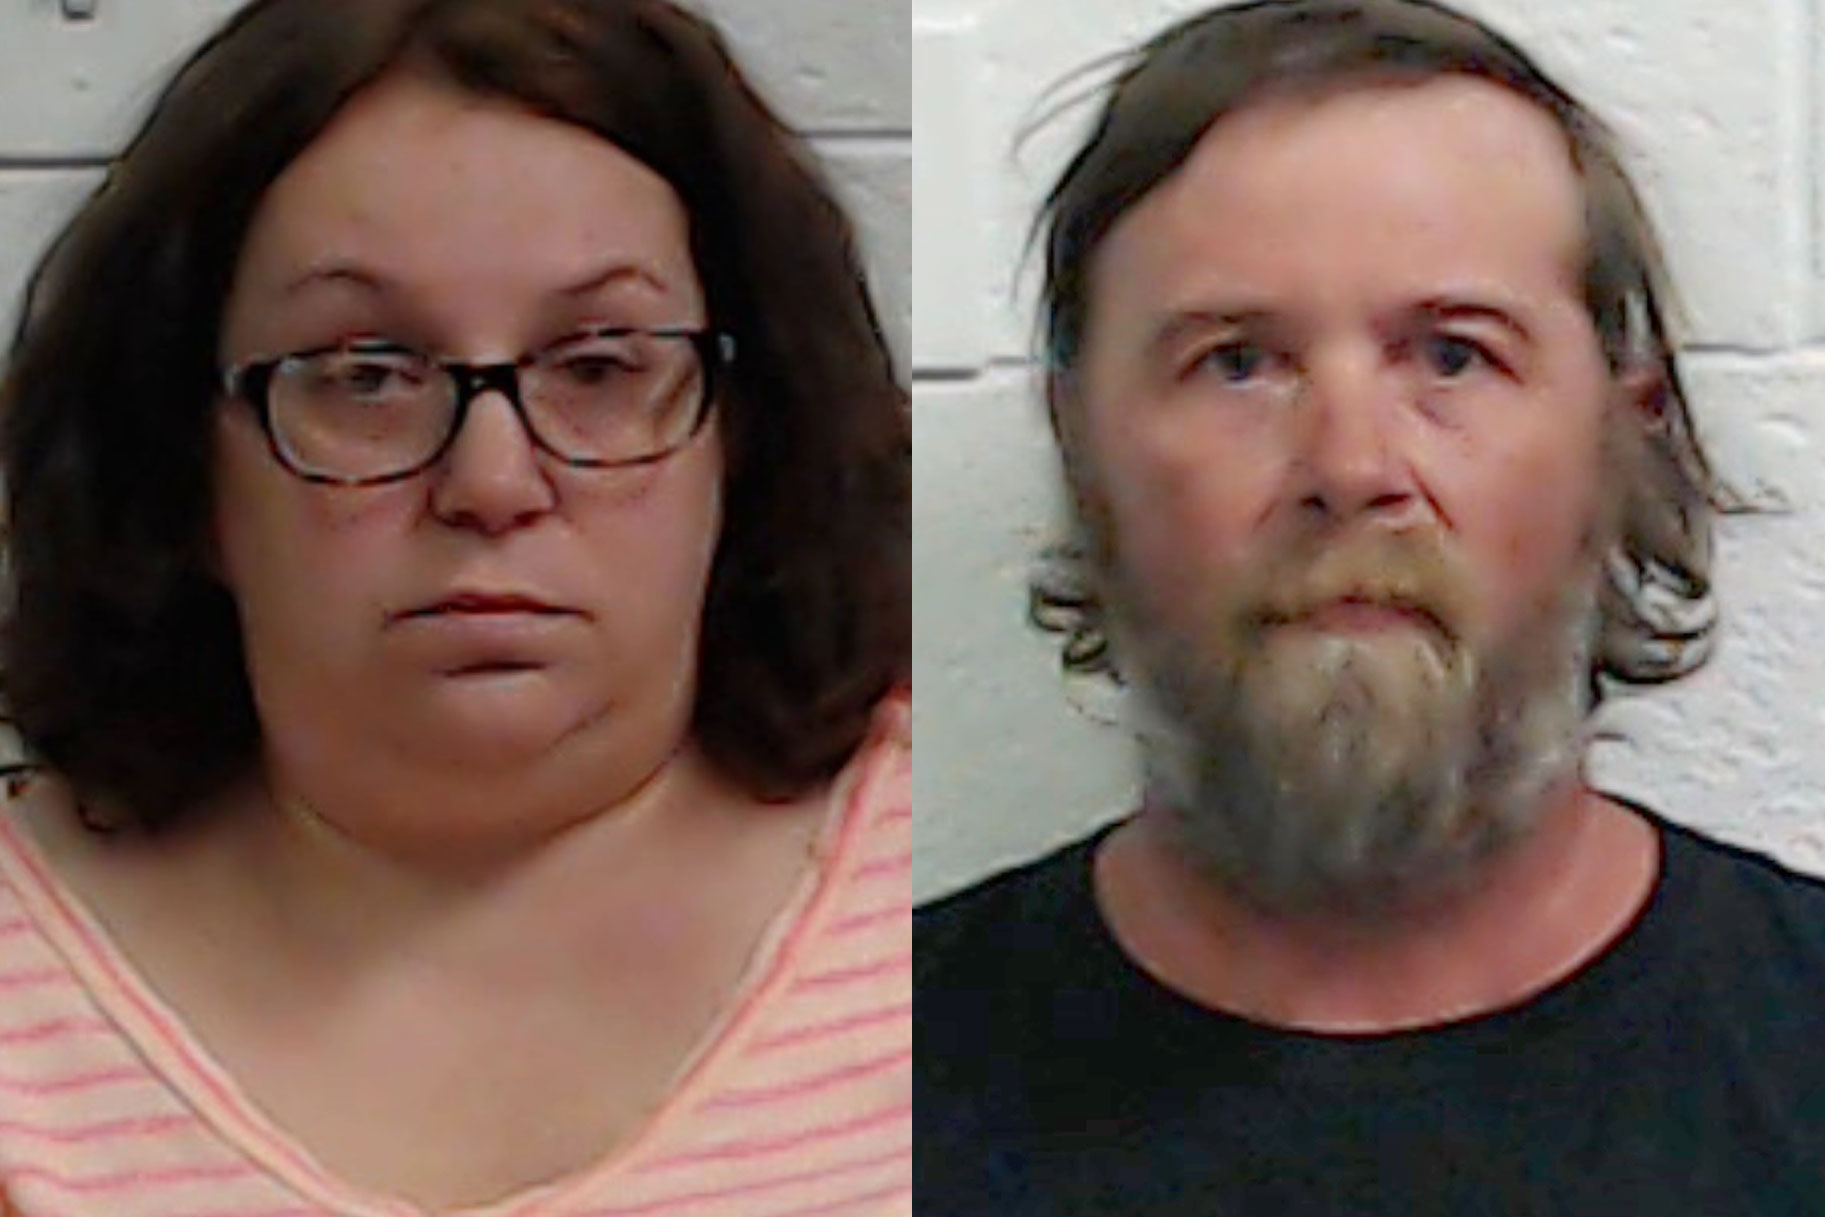 Par iz Zapadne Virginije navodno je lažirao smrt ženske litice kako bi mogao izbjeći zatvor